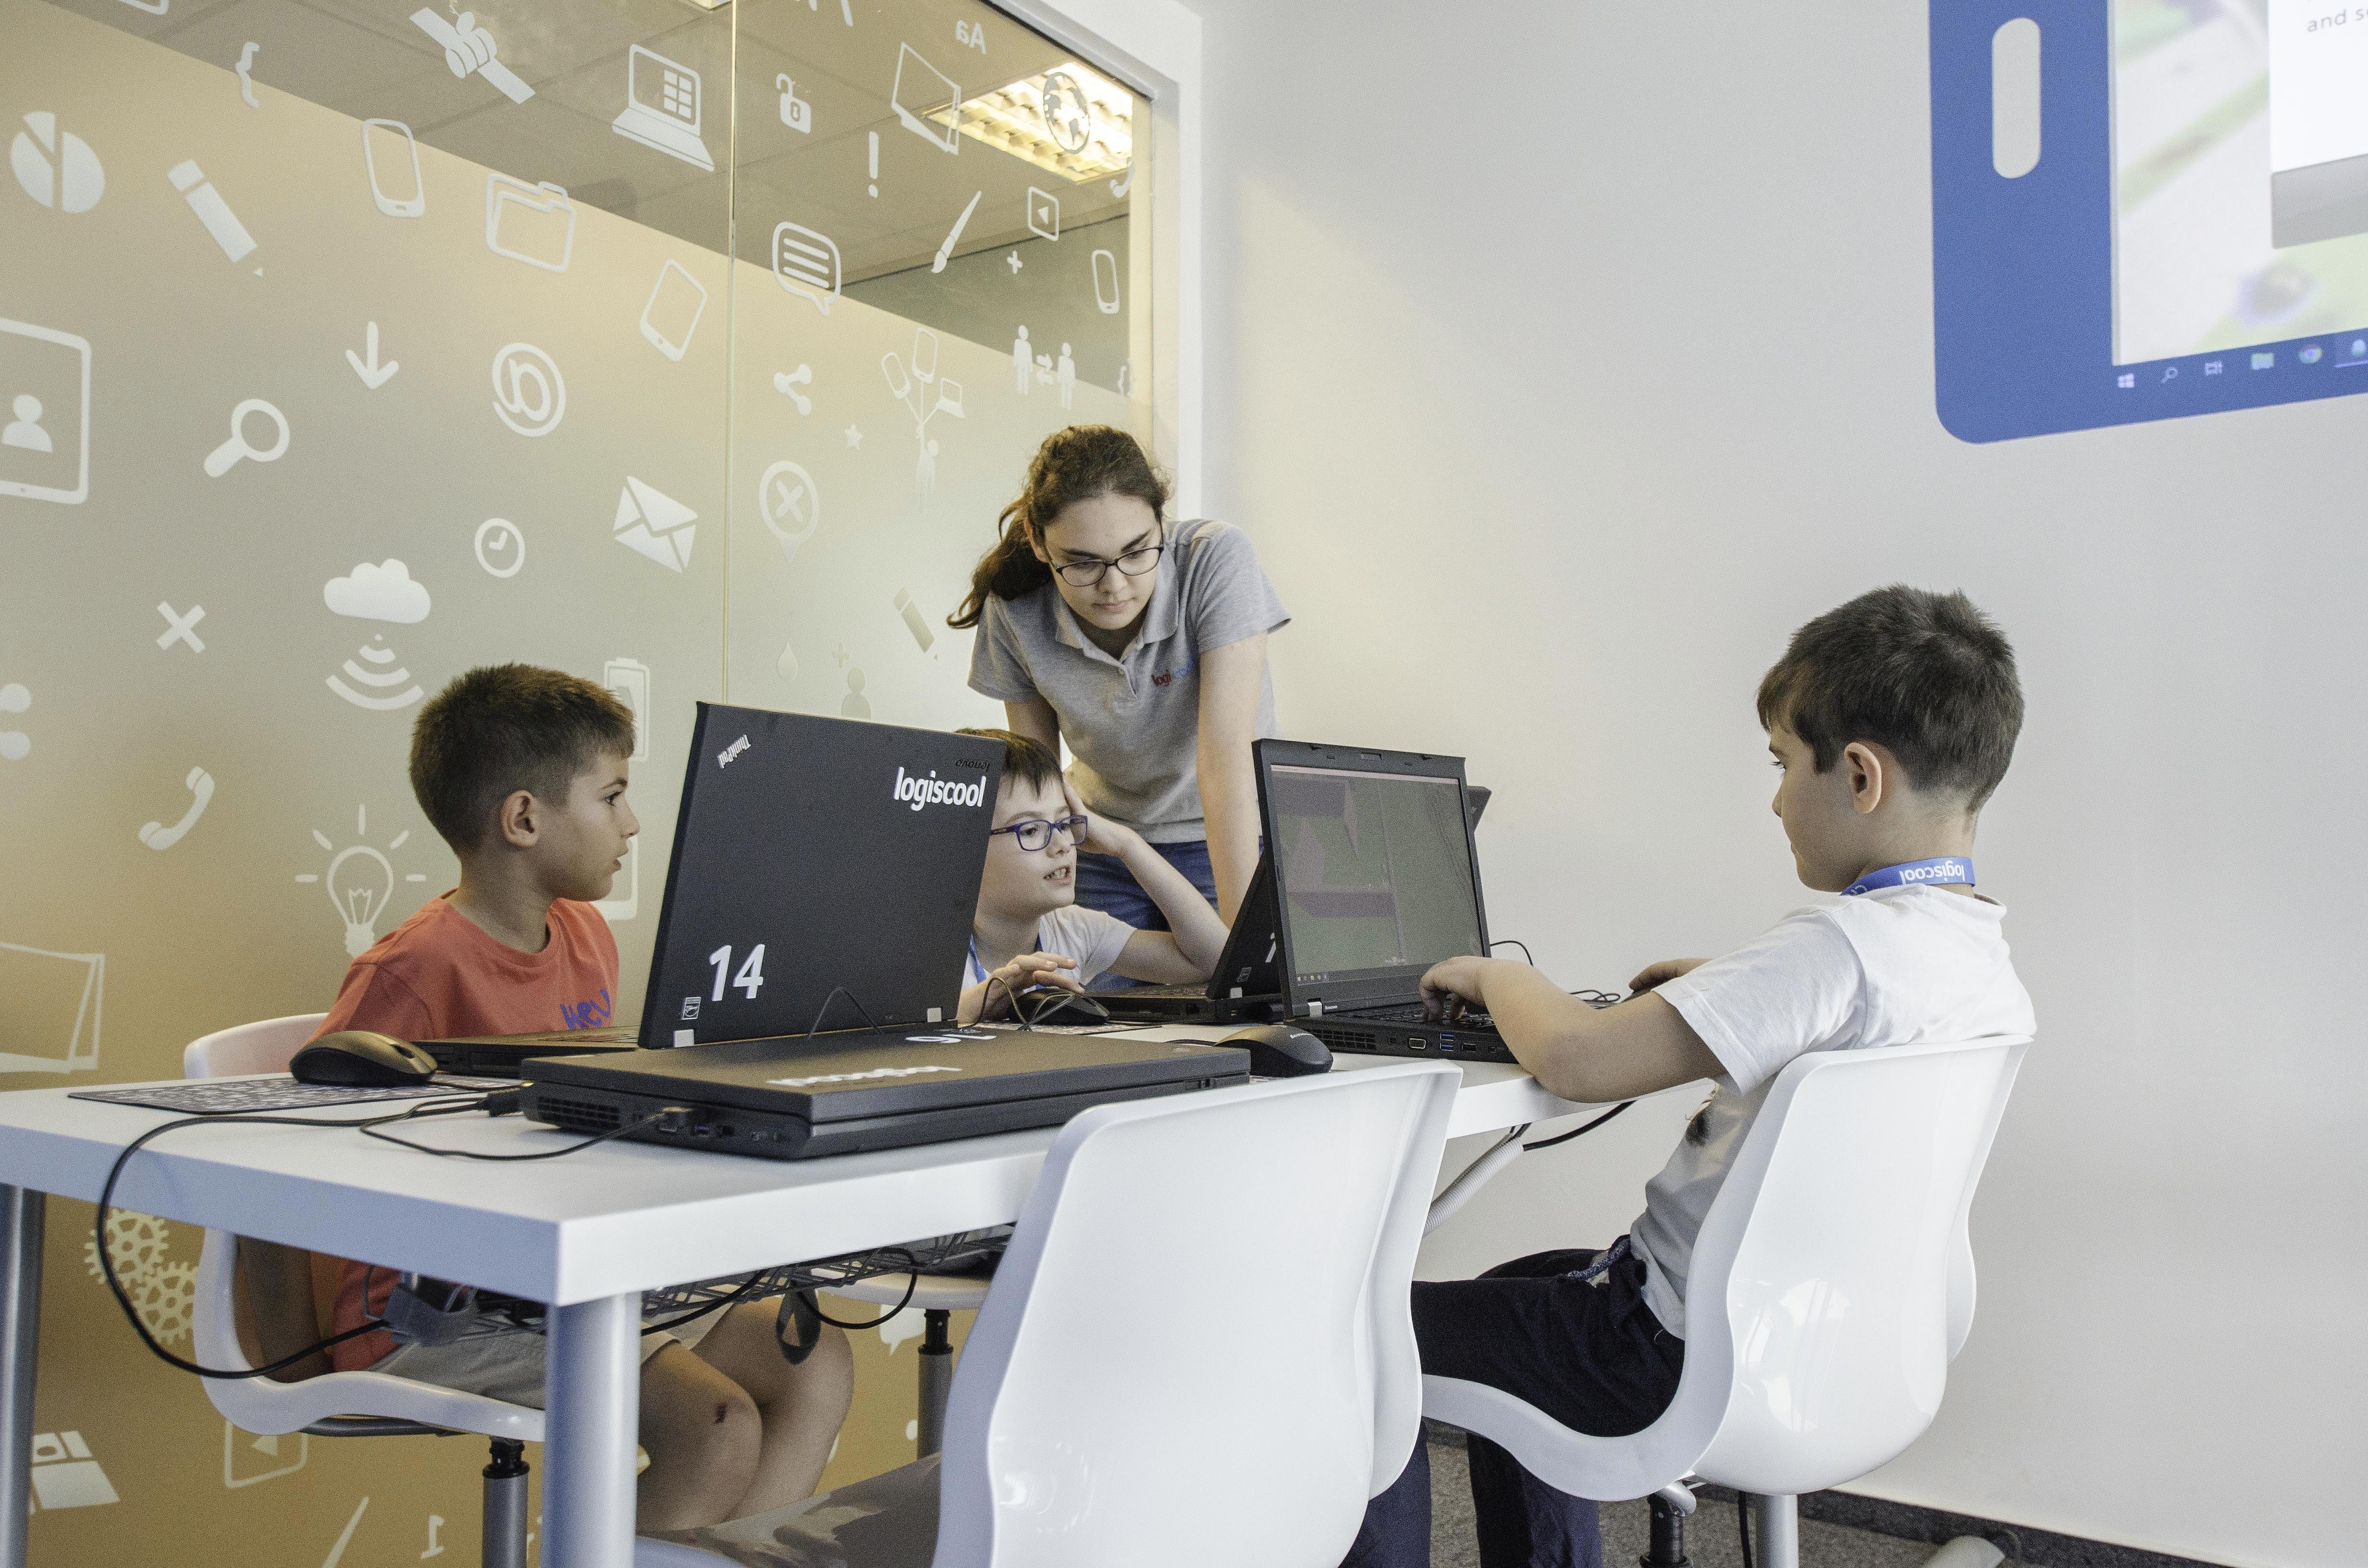 Copiii și adolescenții din Alba Iulia pot participa, începând cu anul 2019, la cursurile de programare Logiscool de la ei din oraș